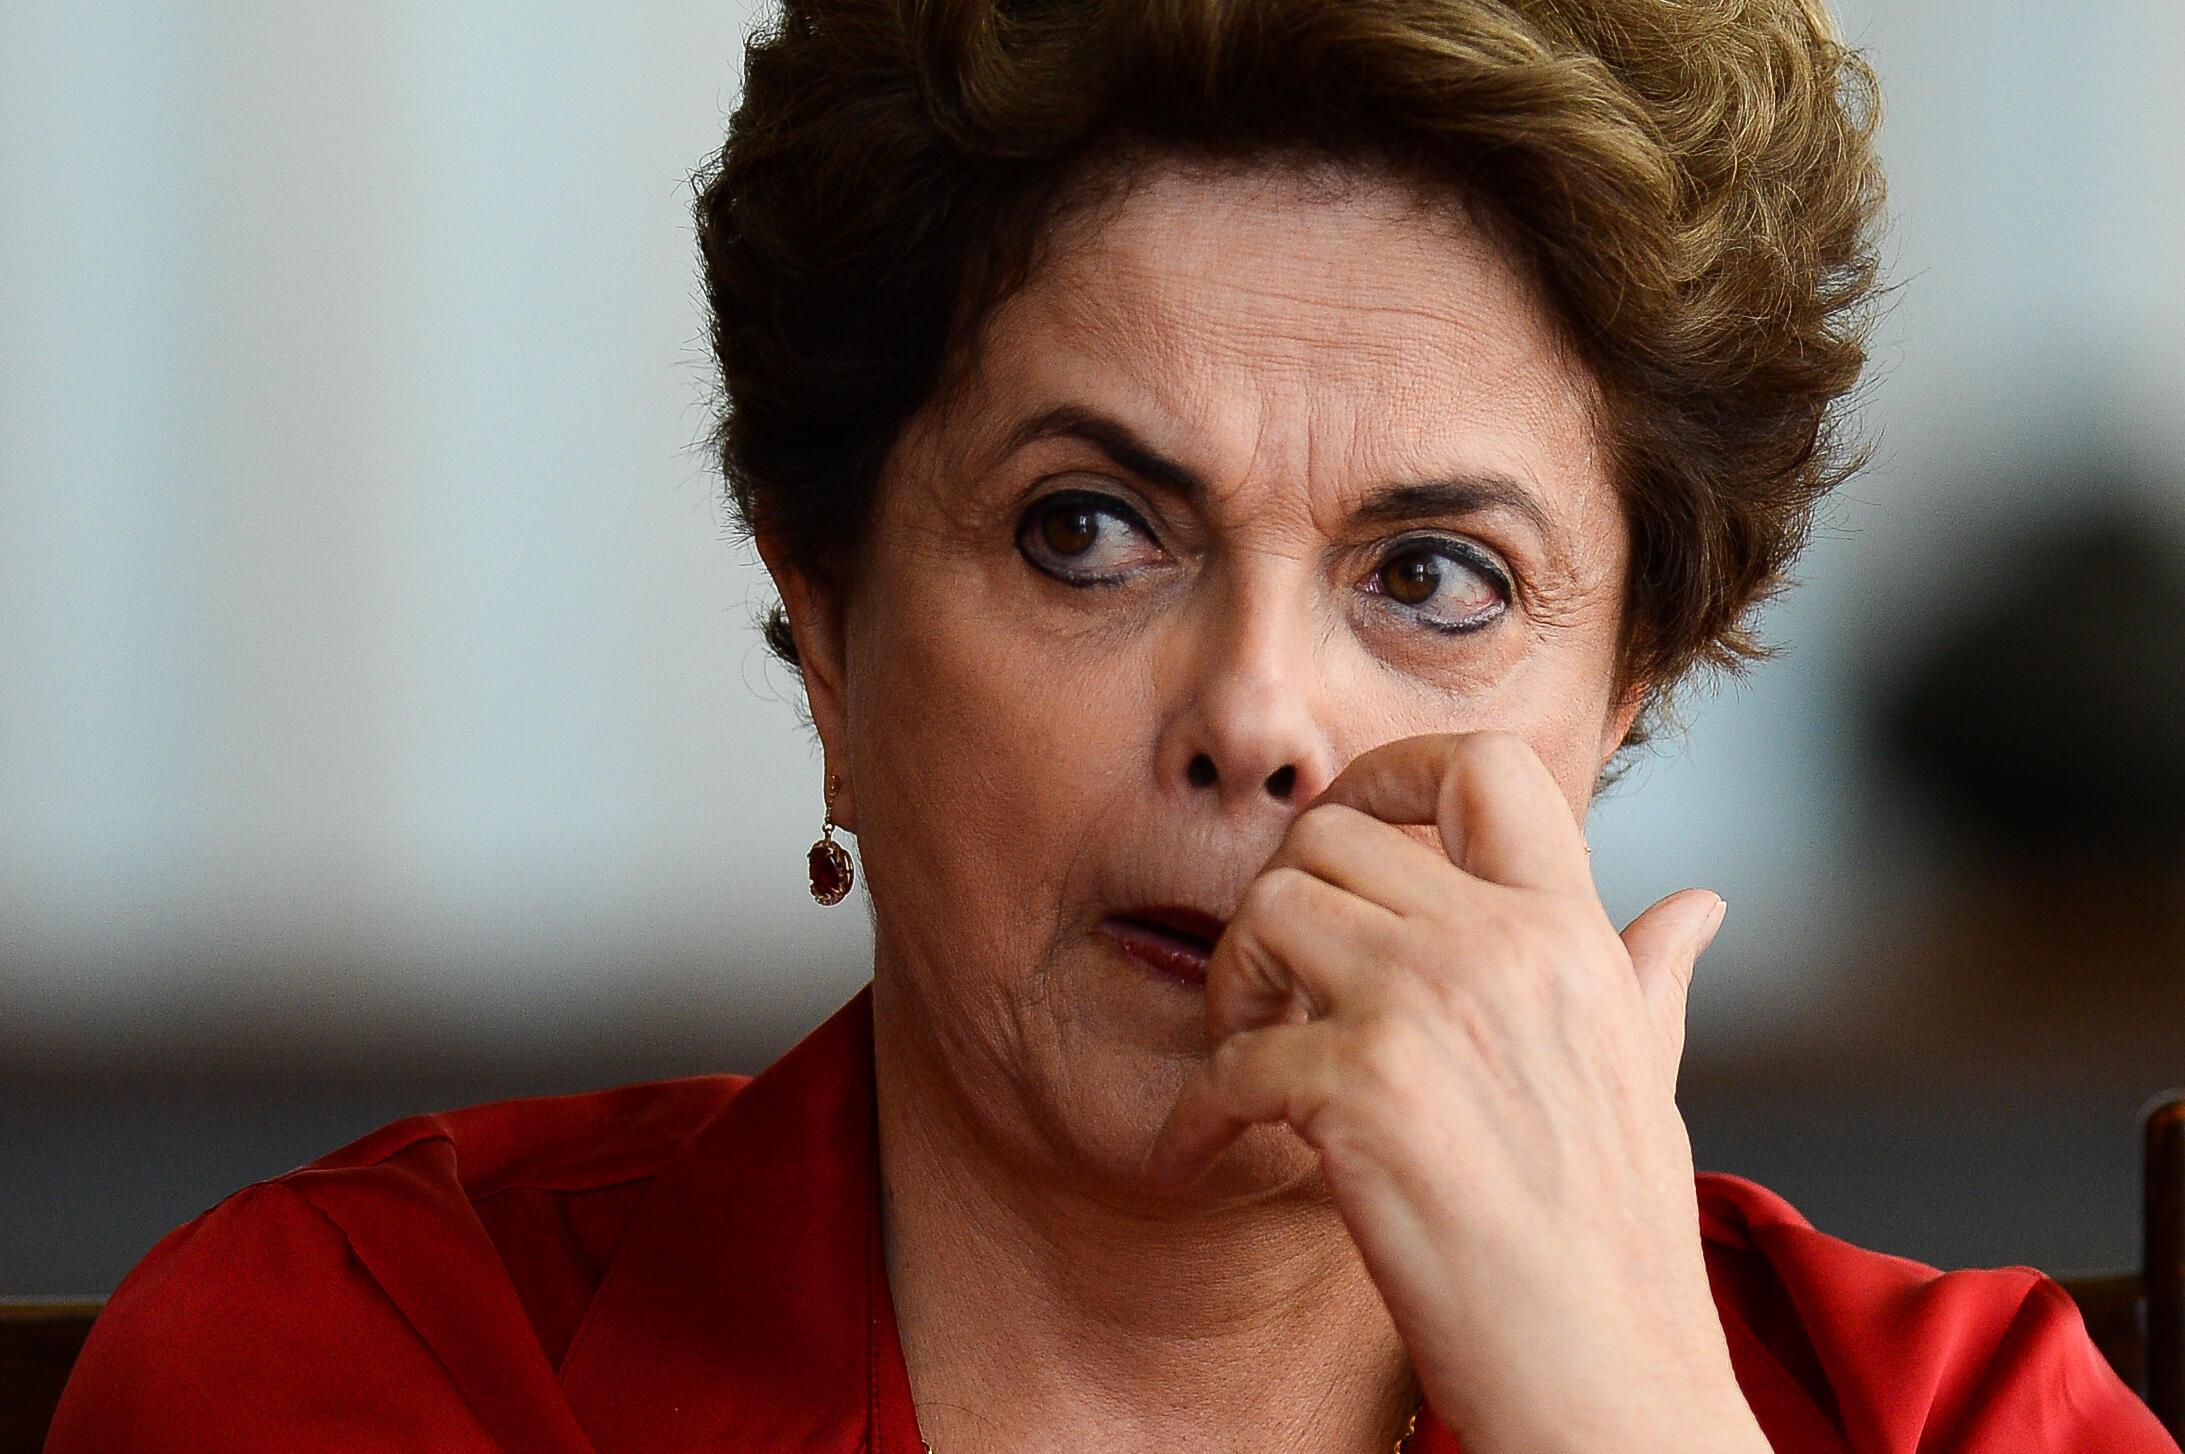 Rais aliyesimamishwa Dilma Rousseff katika katika Ikulu ya Aurore, Agosti 18, 2016, katika mji wa Brasilia.